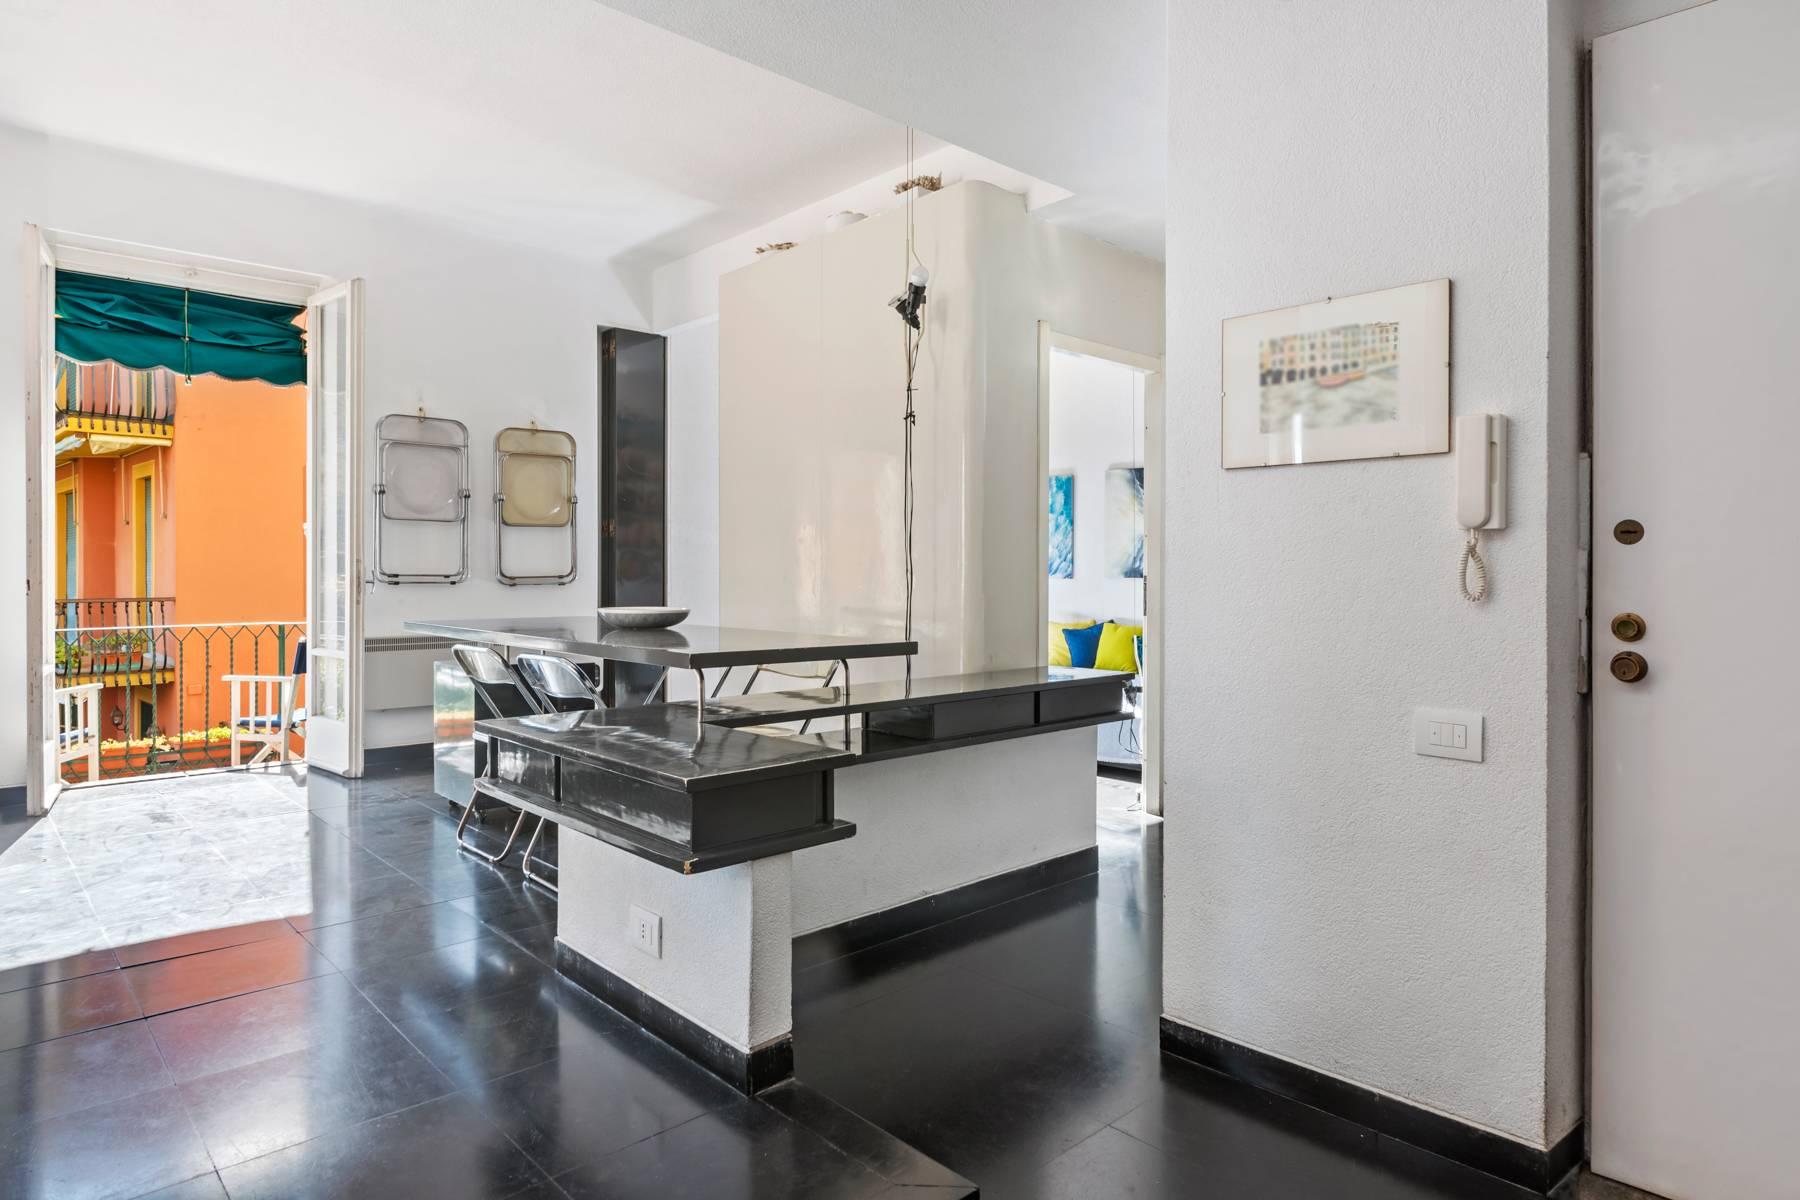 Appartamento in Vendita a Santa Margherita Ligure: 5 locali, 120 mq - Foto 17